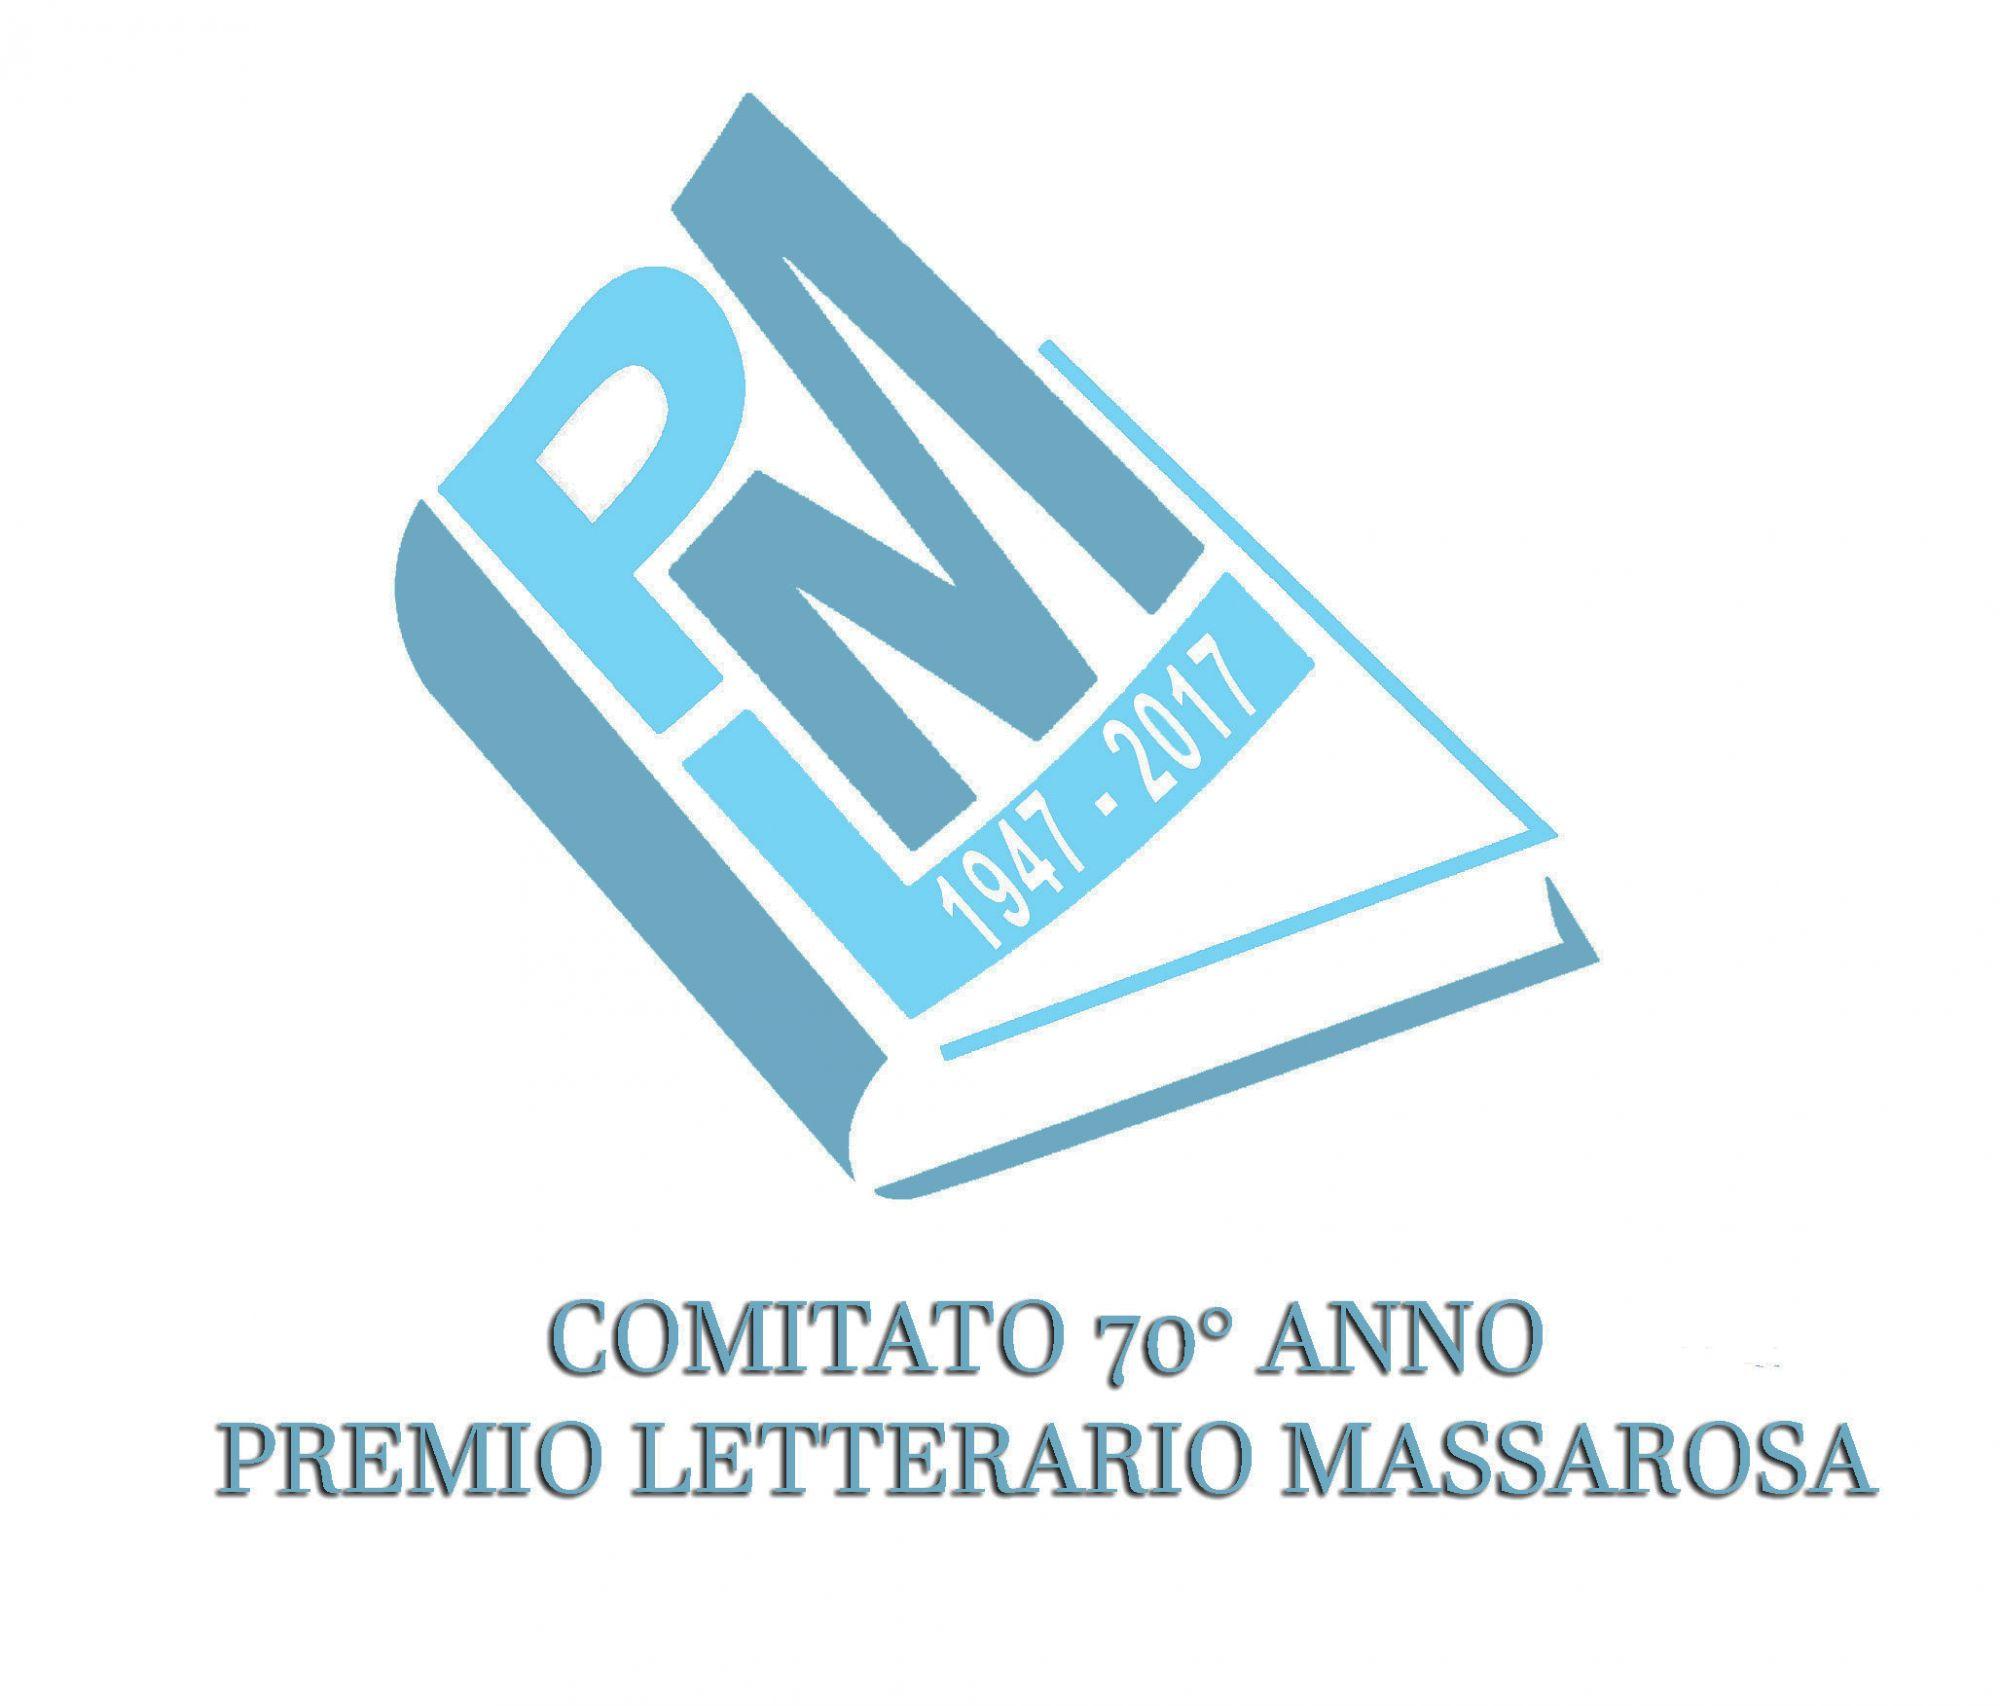 Premio Letterario Massarosa. Aperto il bando per la selezione dei giurati popolari